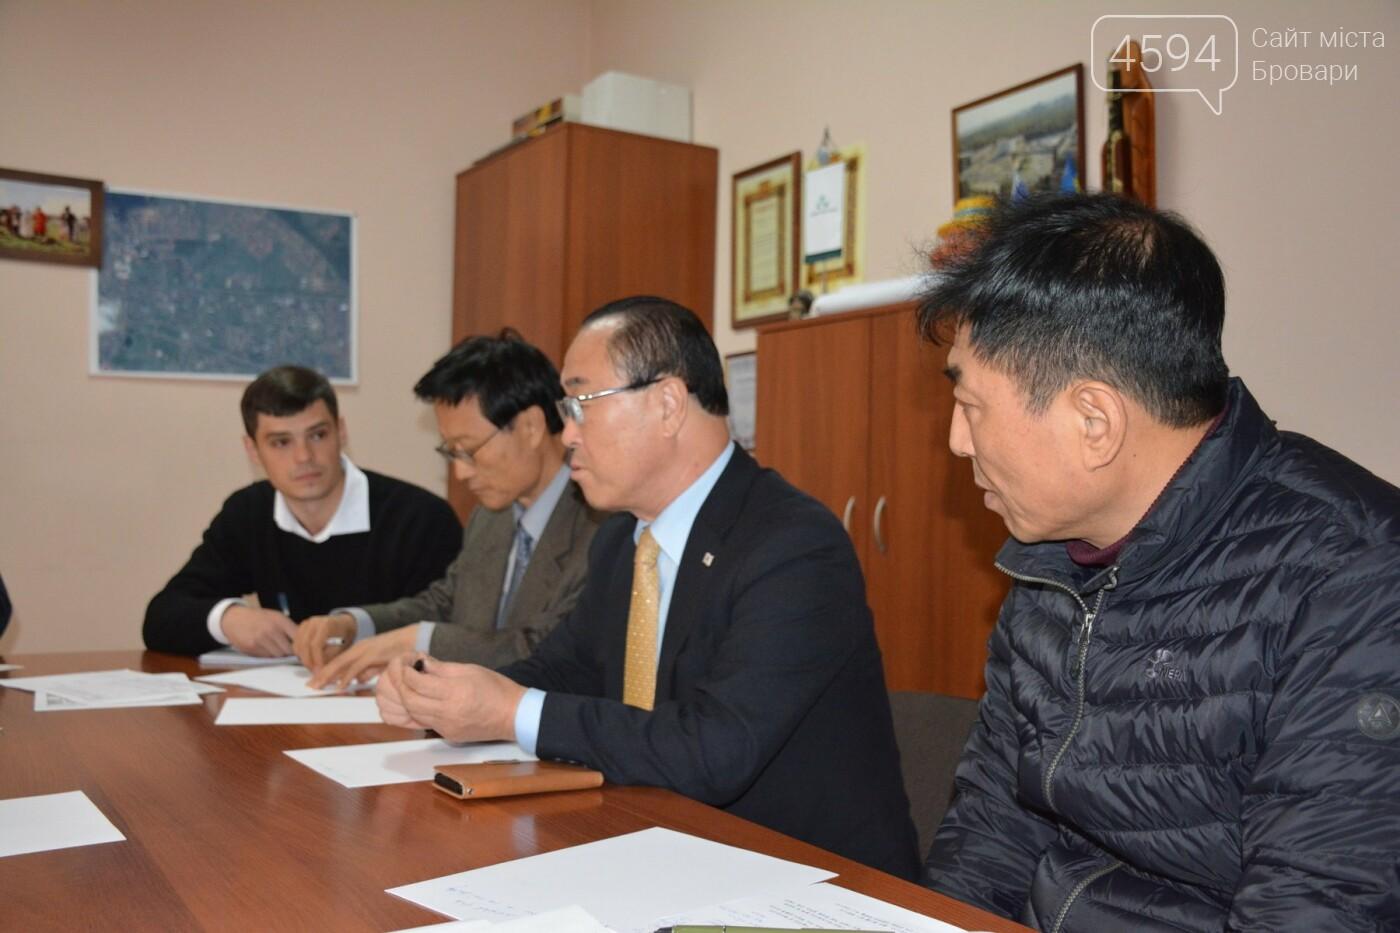 Корейська компанія може поліпшити екологію в Броварах, фото-1